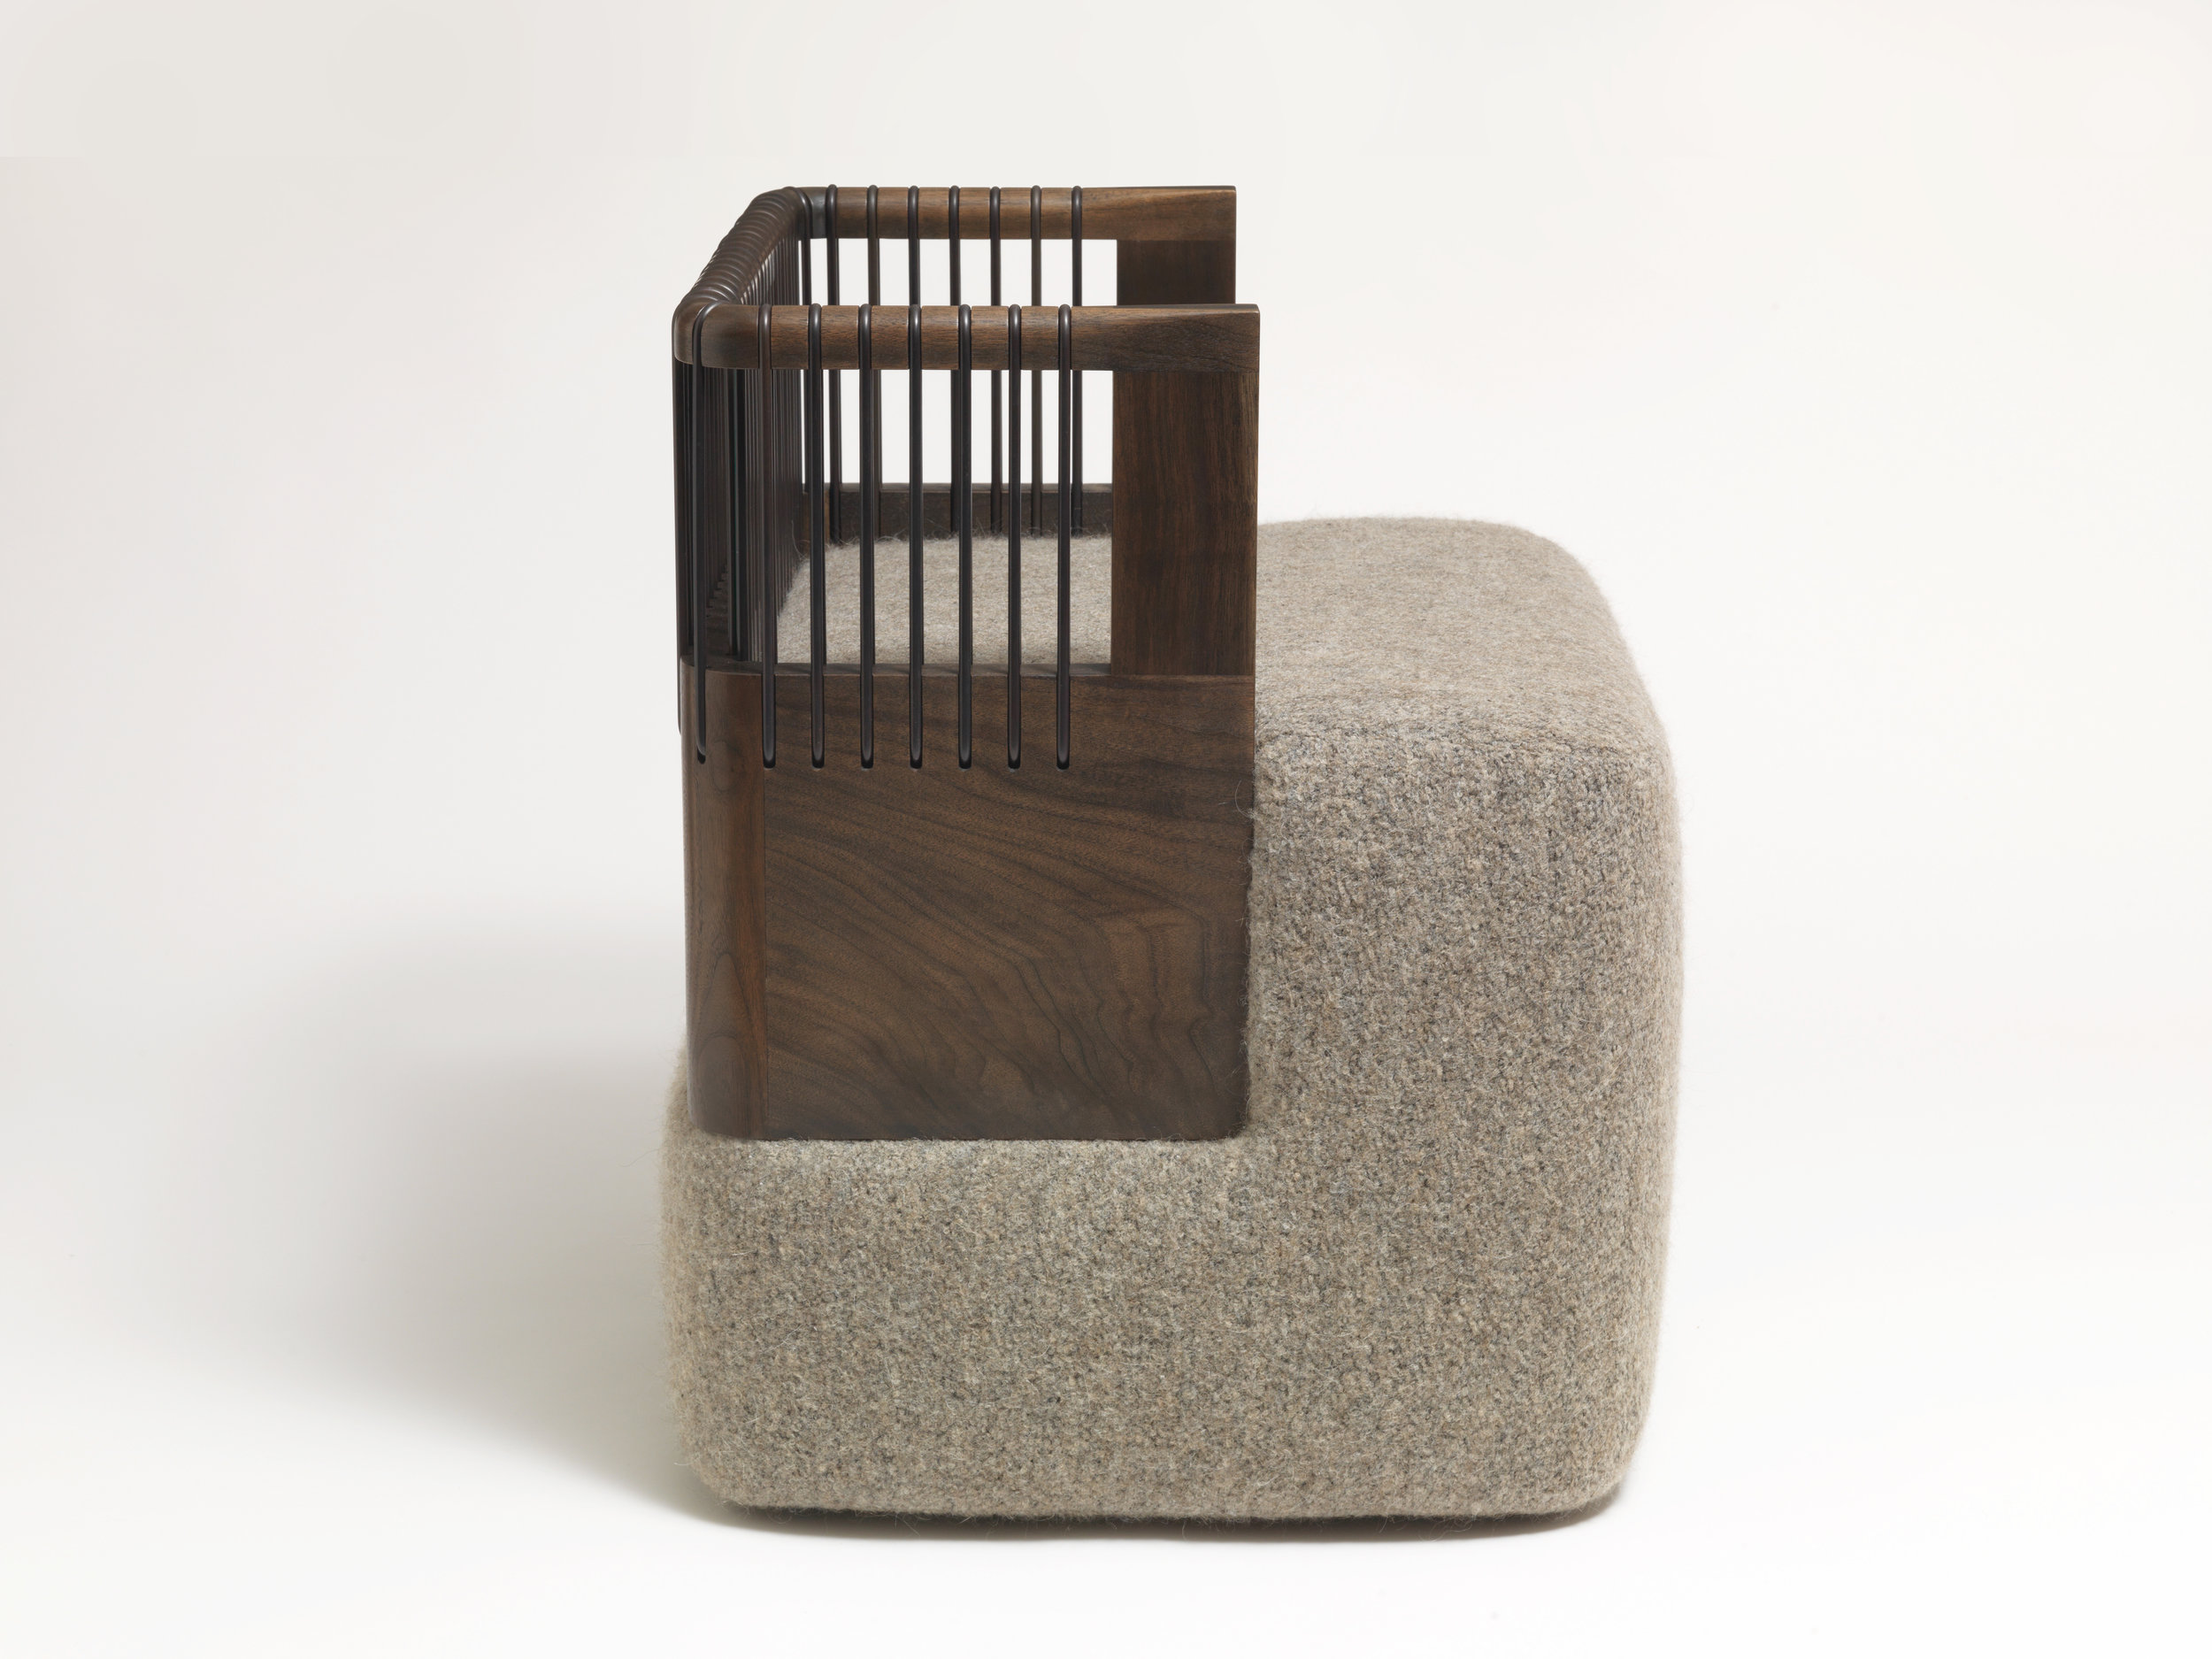 2019 BH Dudley chair_10021.jpg